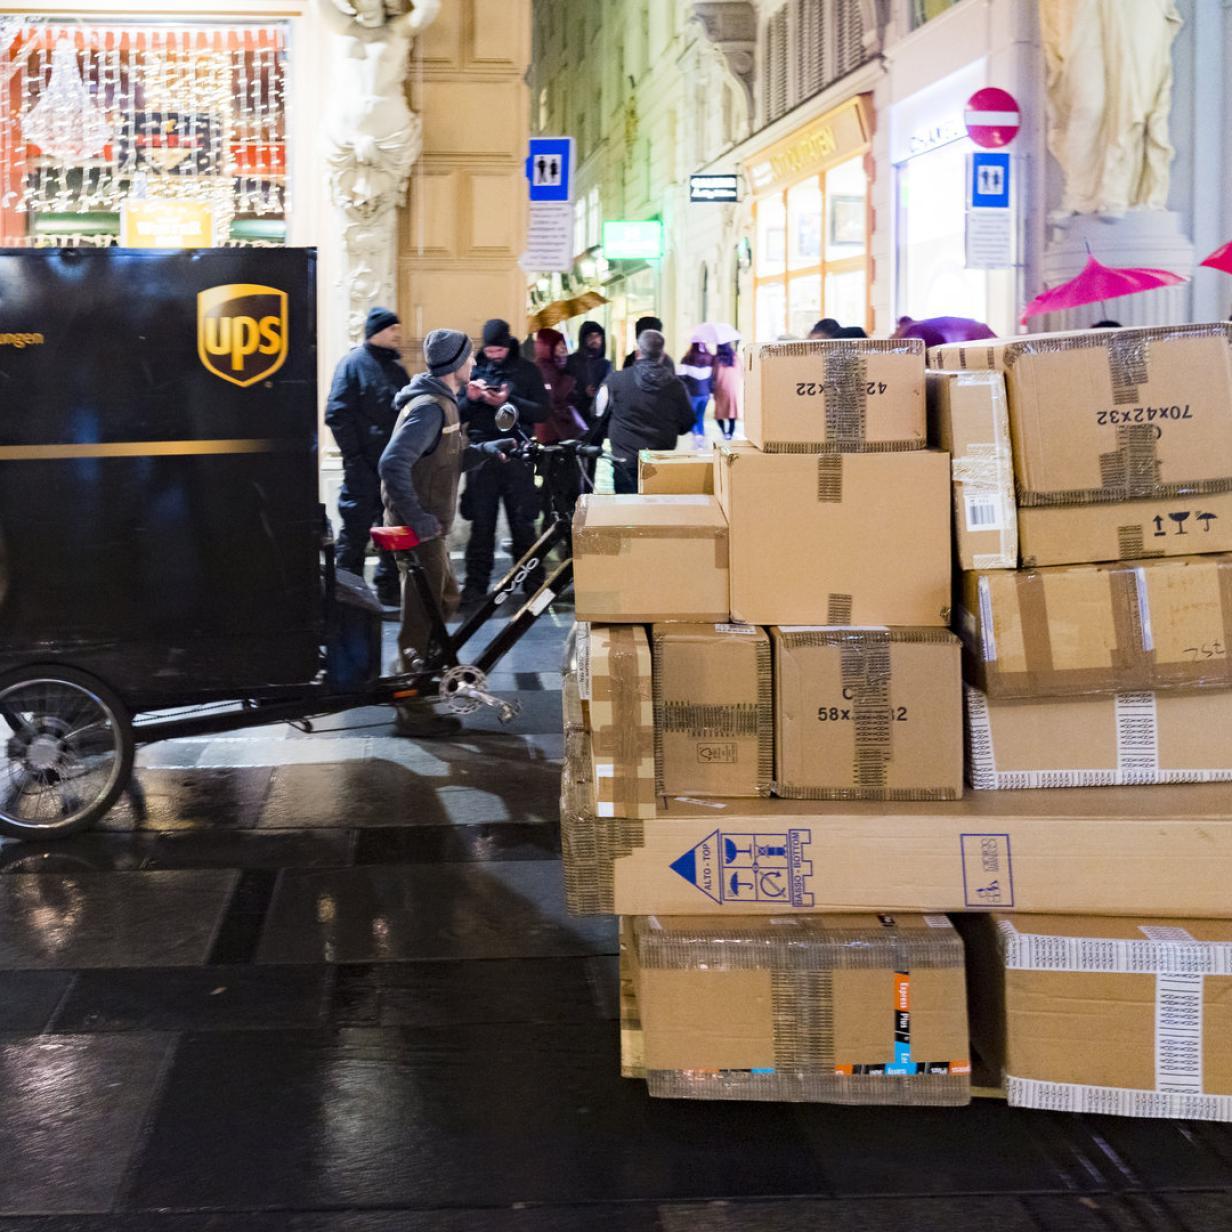 Paket-Zusteller im Dauerstress: Bis zu 200 Packerl täglich